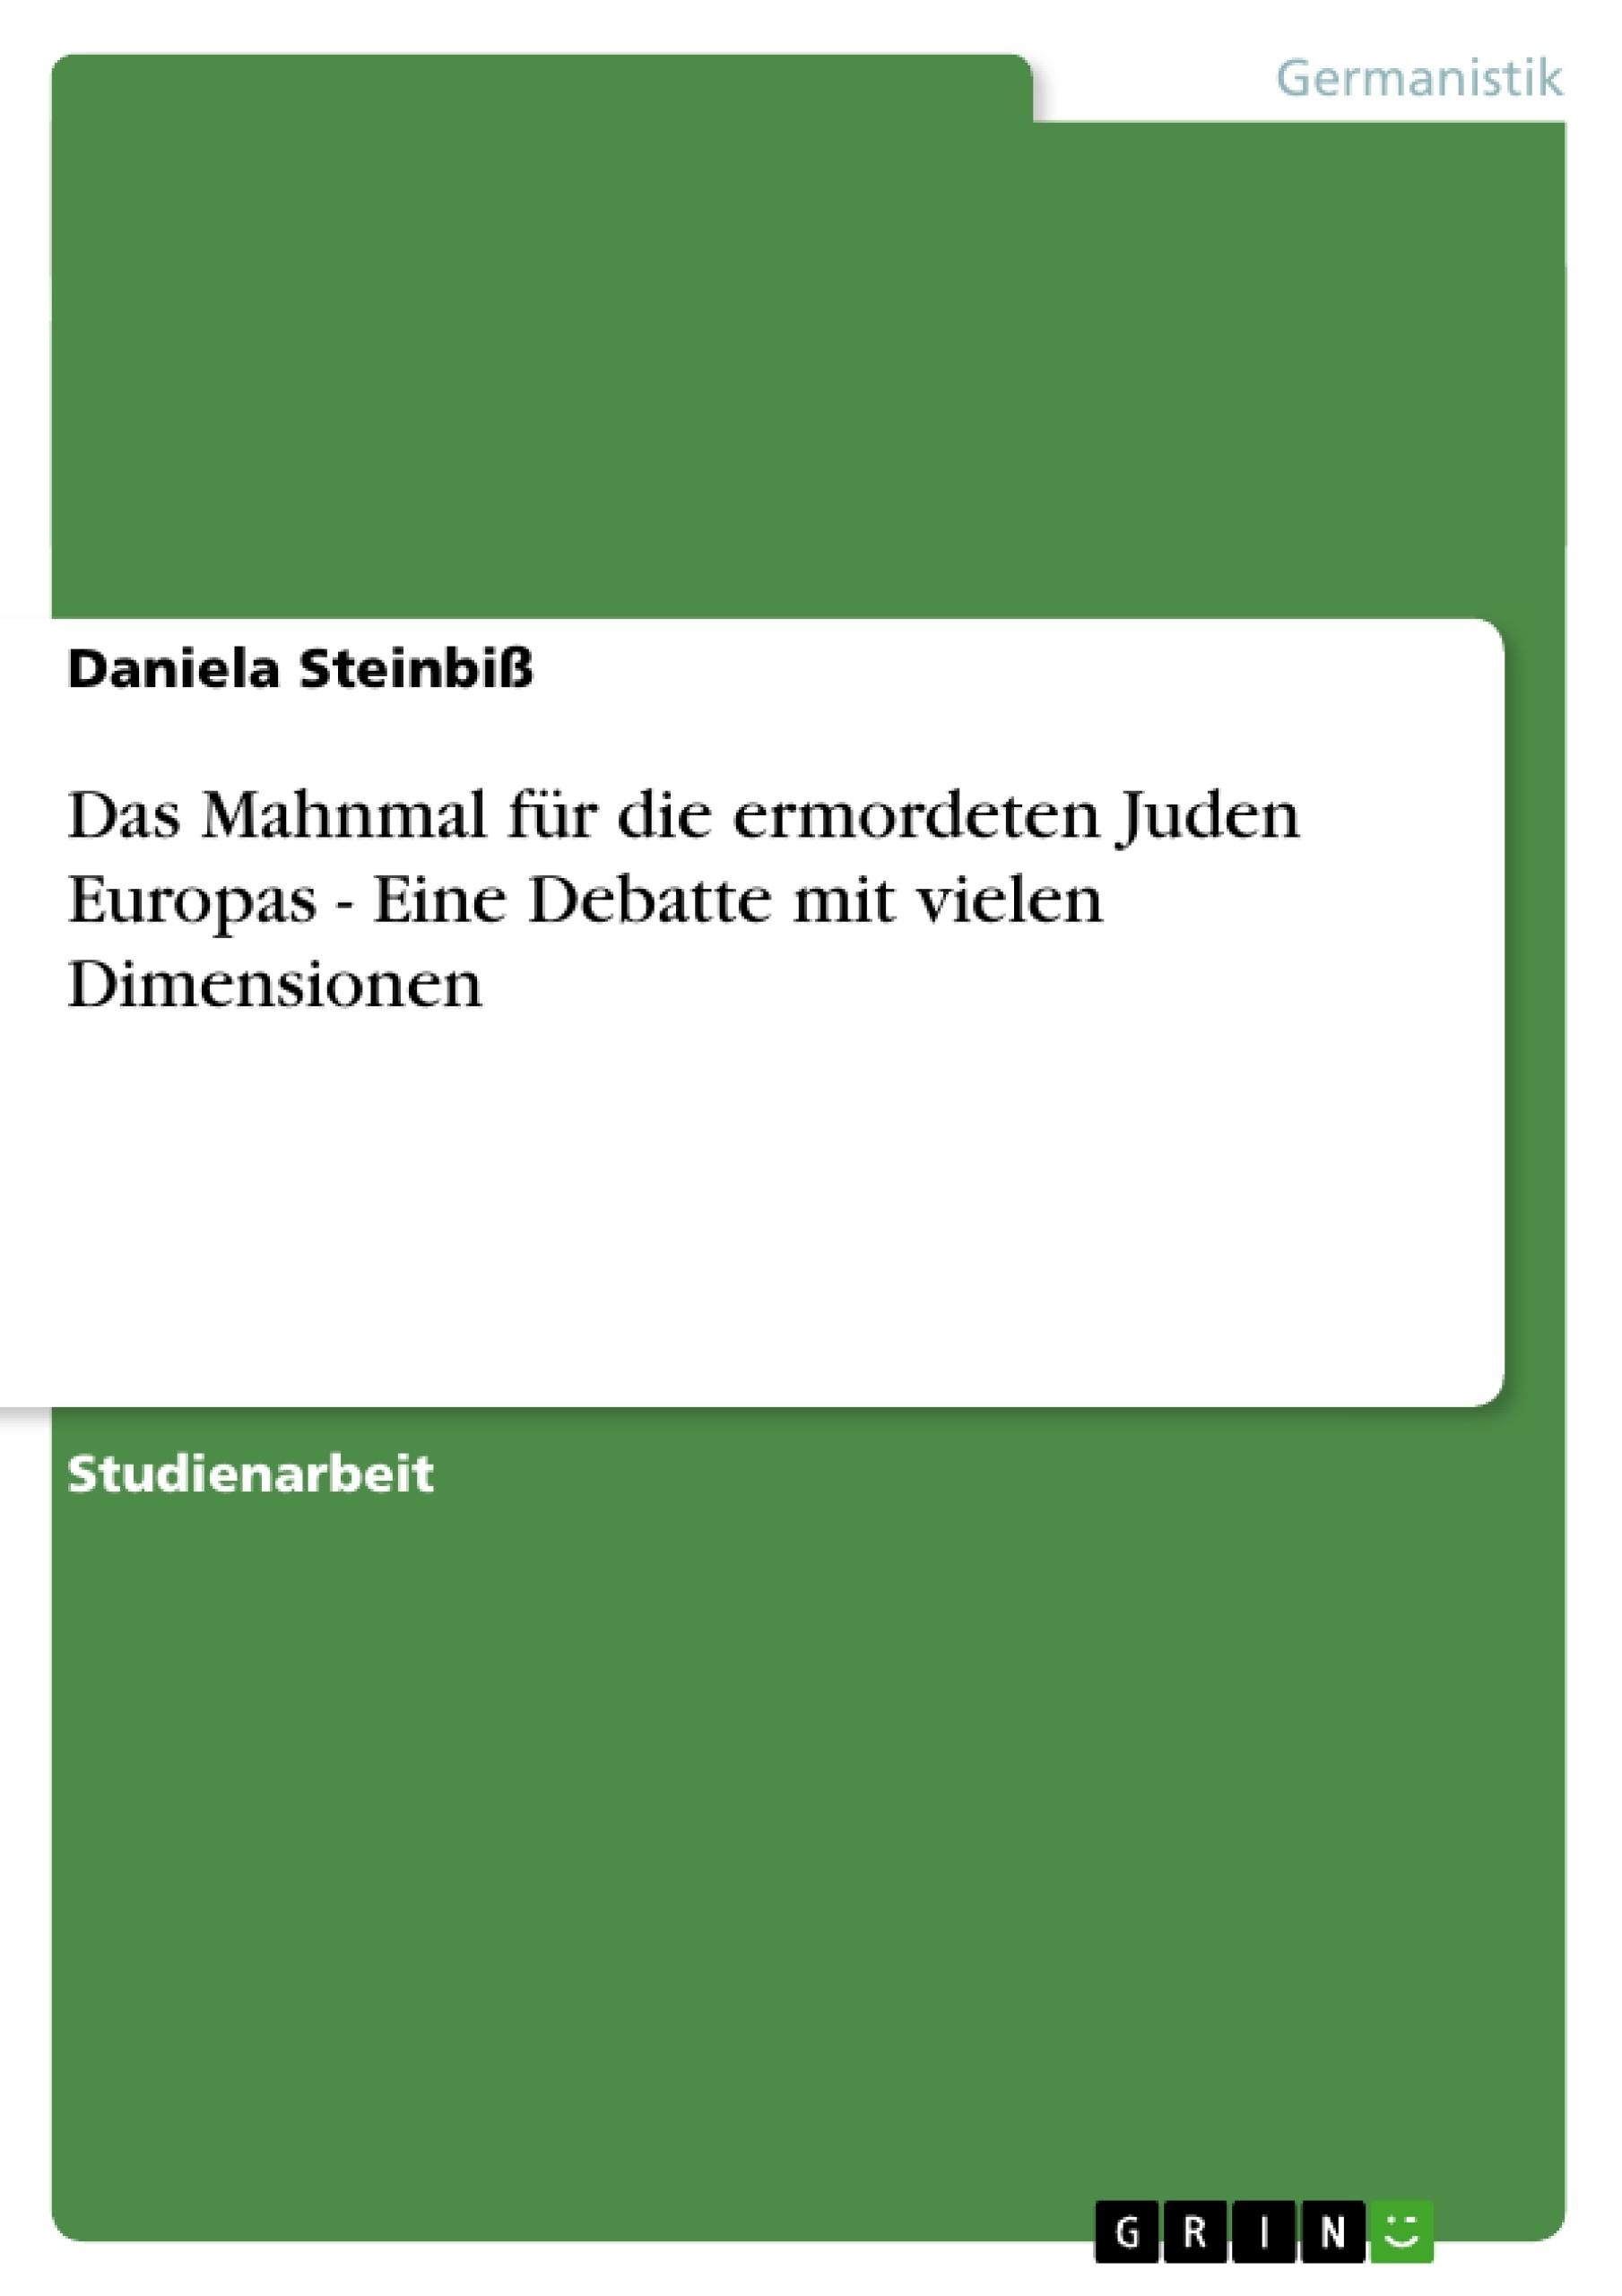 Titel: Das Mahnmal für die ermordeten Juden Europas. Eine Debatte mit vielen Dimensionen